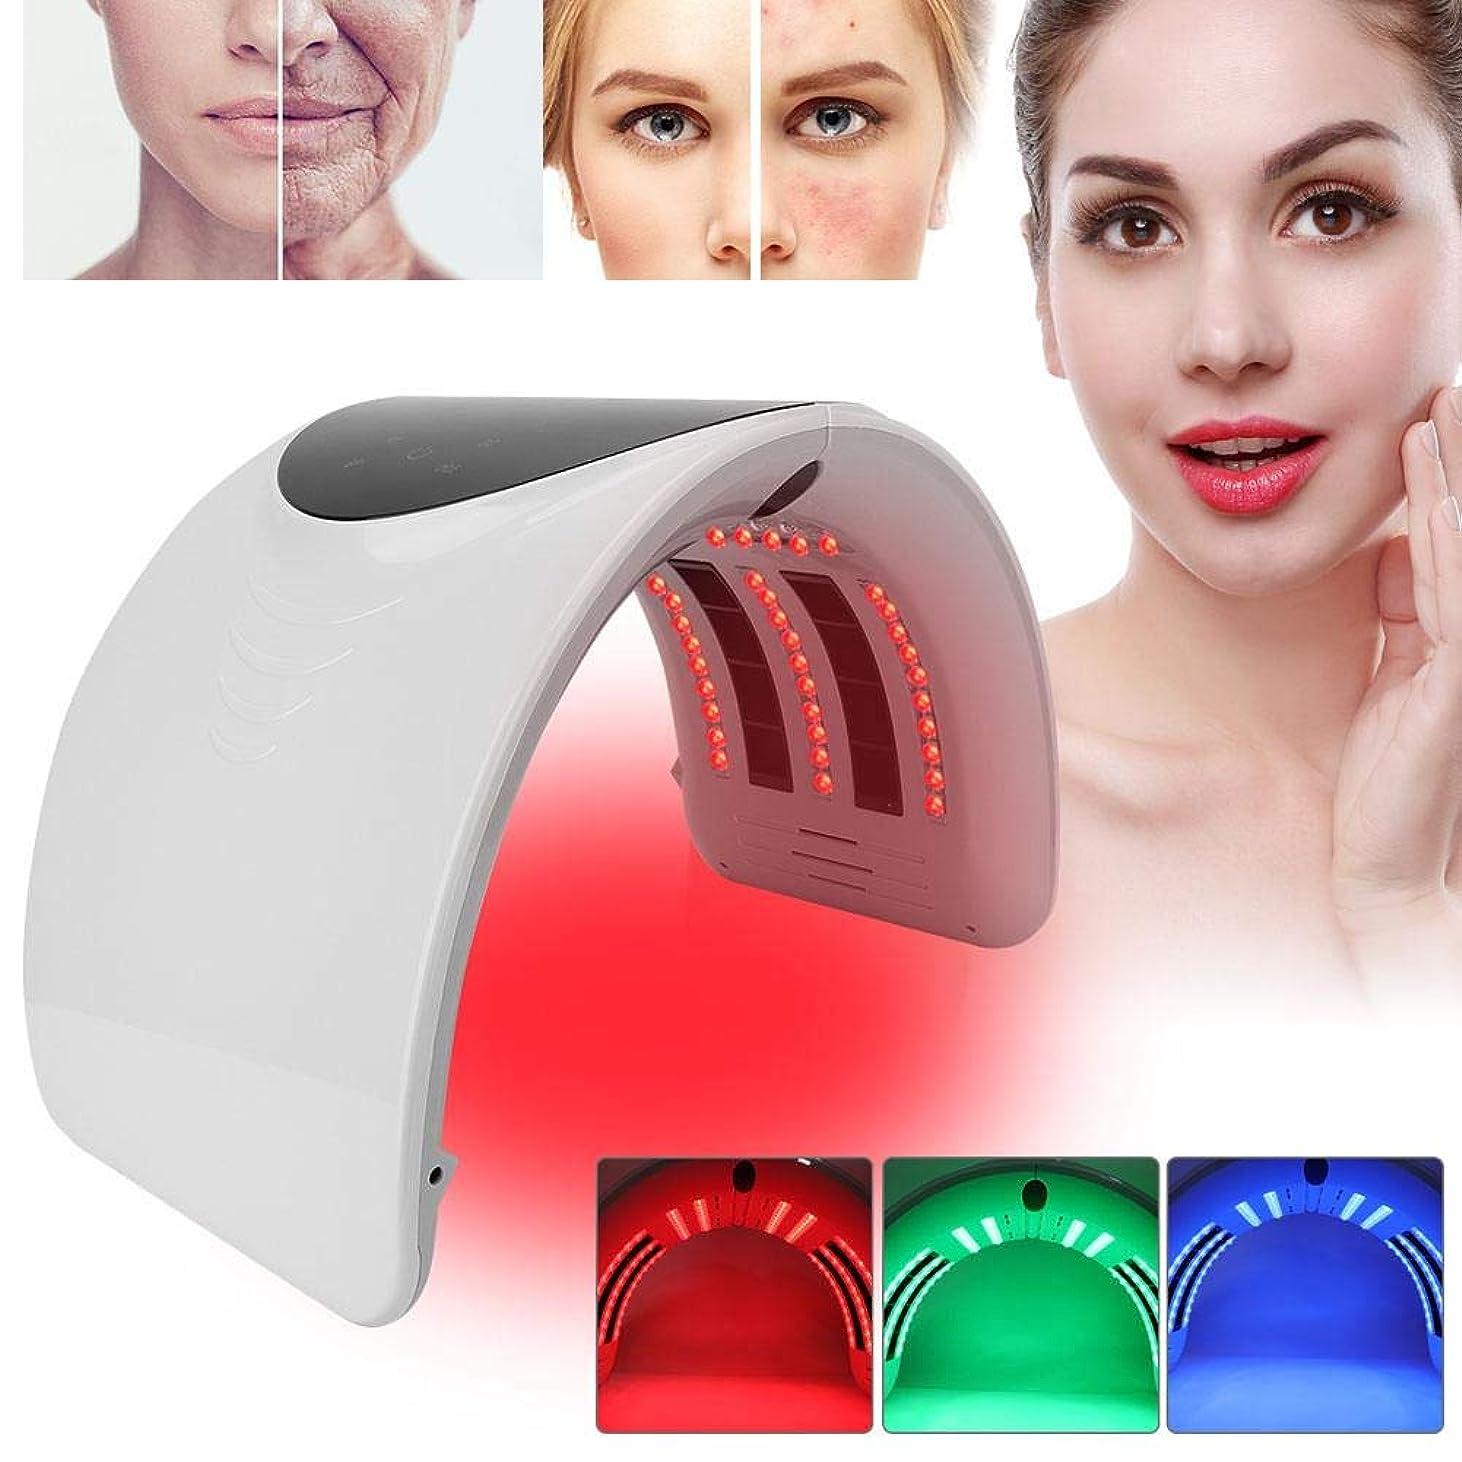 バズ耐えられる傾くPDTの軽い療法の美顔術機械、6色の新しい折り畳み式アクネの取り外しのスキンケアの処置機械(01)